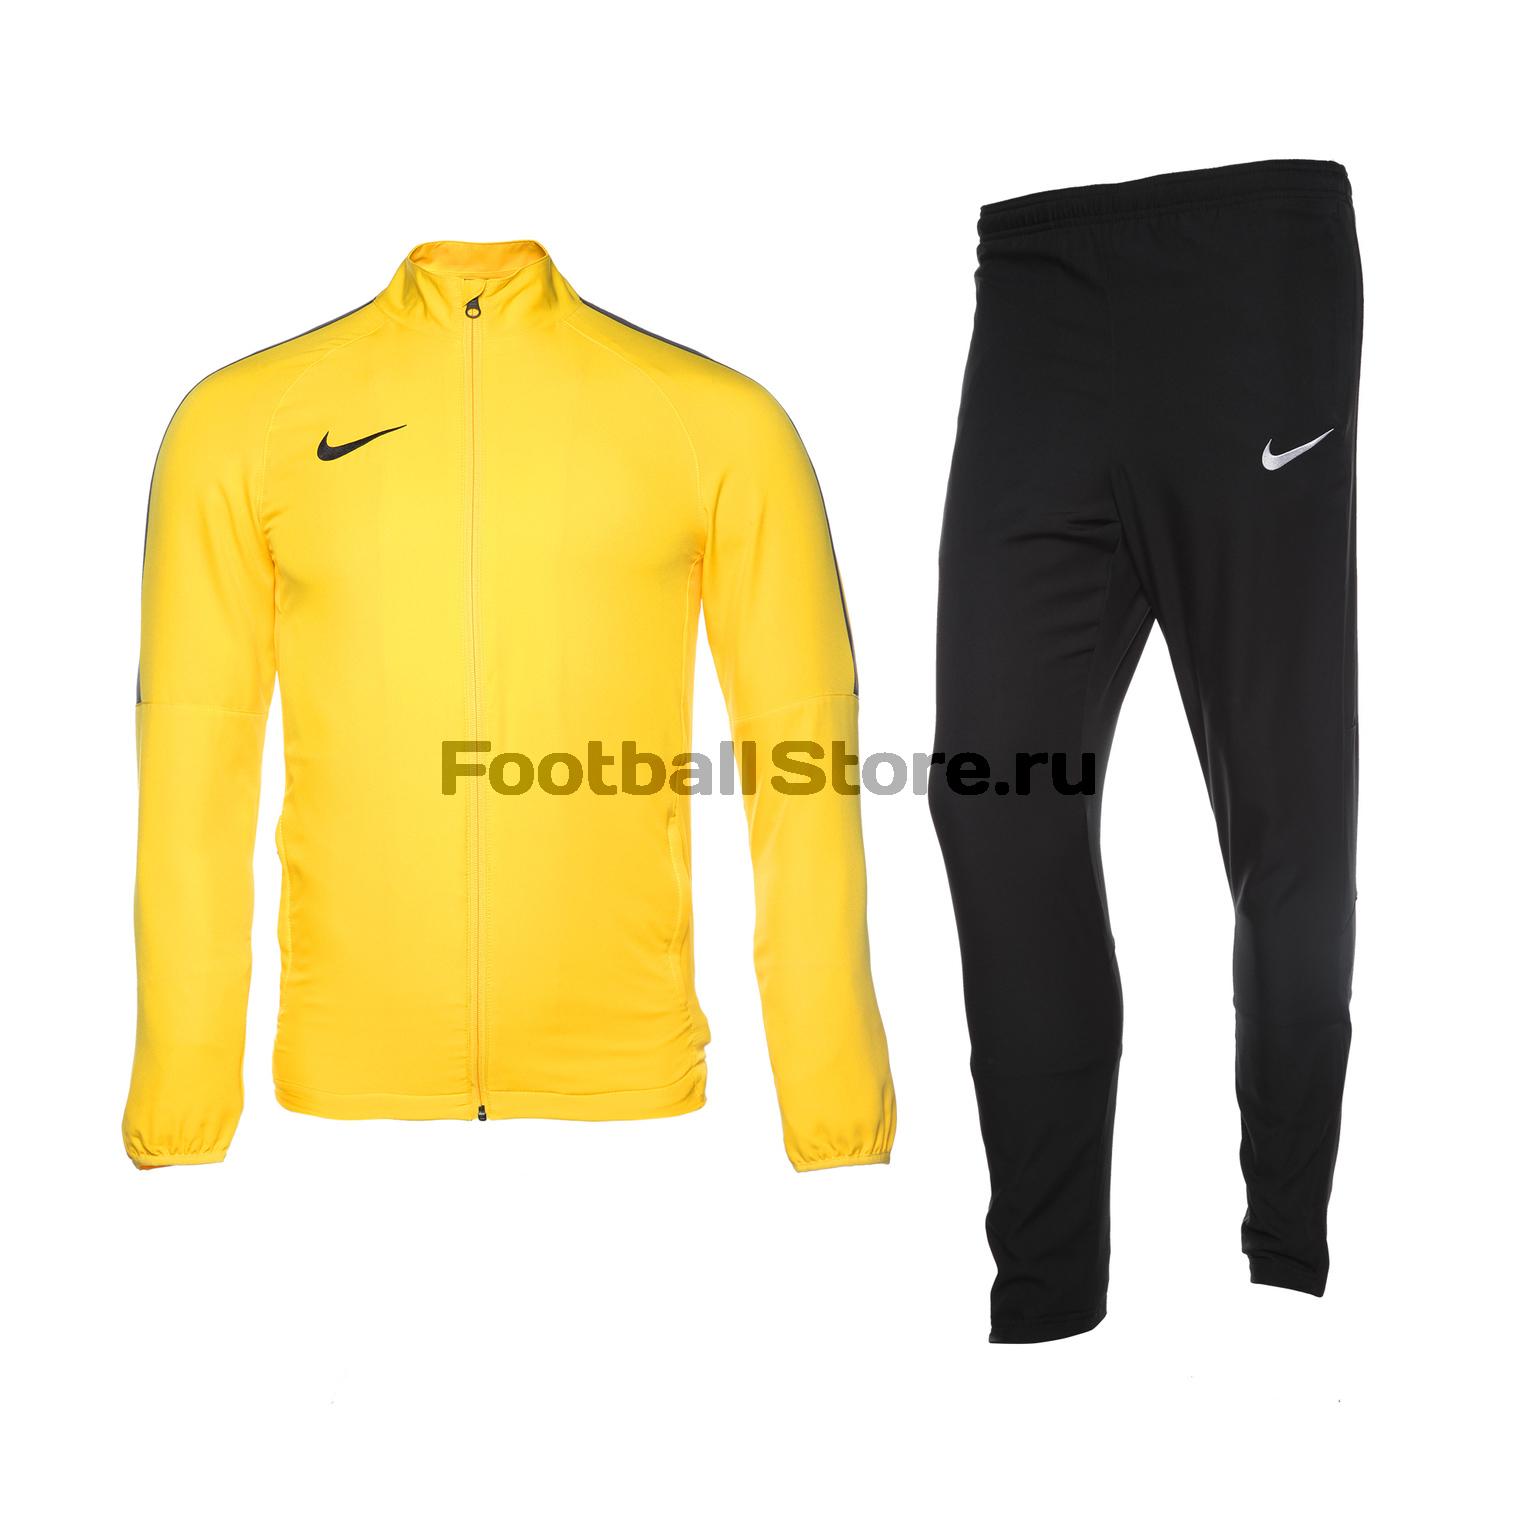 Костюм спортивный Nike Dry Academy18 TRK Suit W 893709-719 костюм спортивный nike m dry acdmy trk suit 844327 451